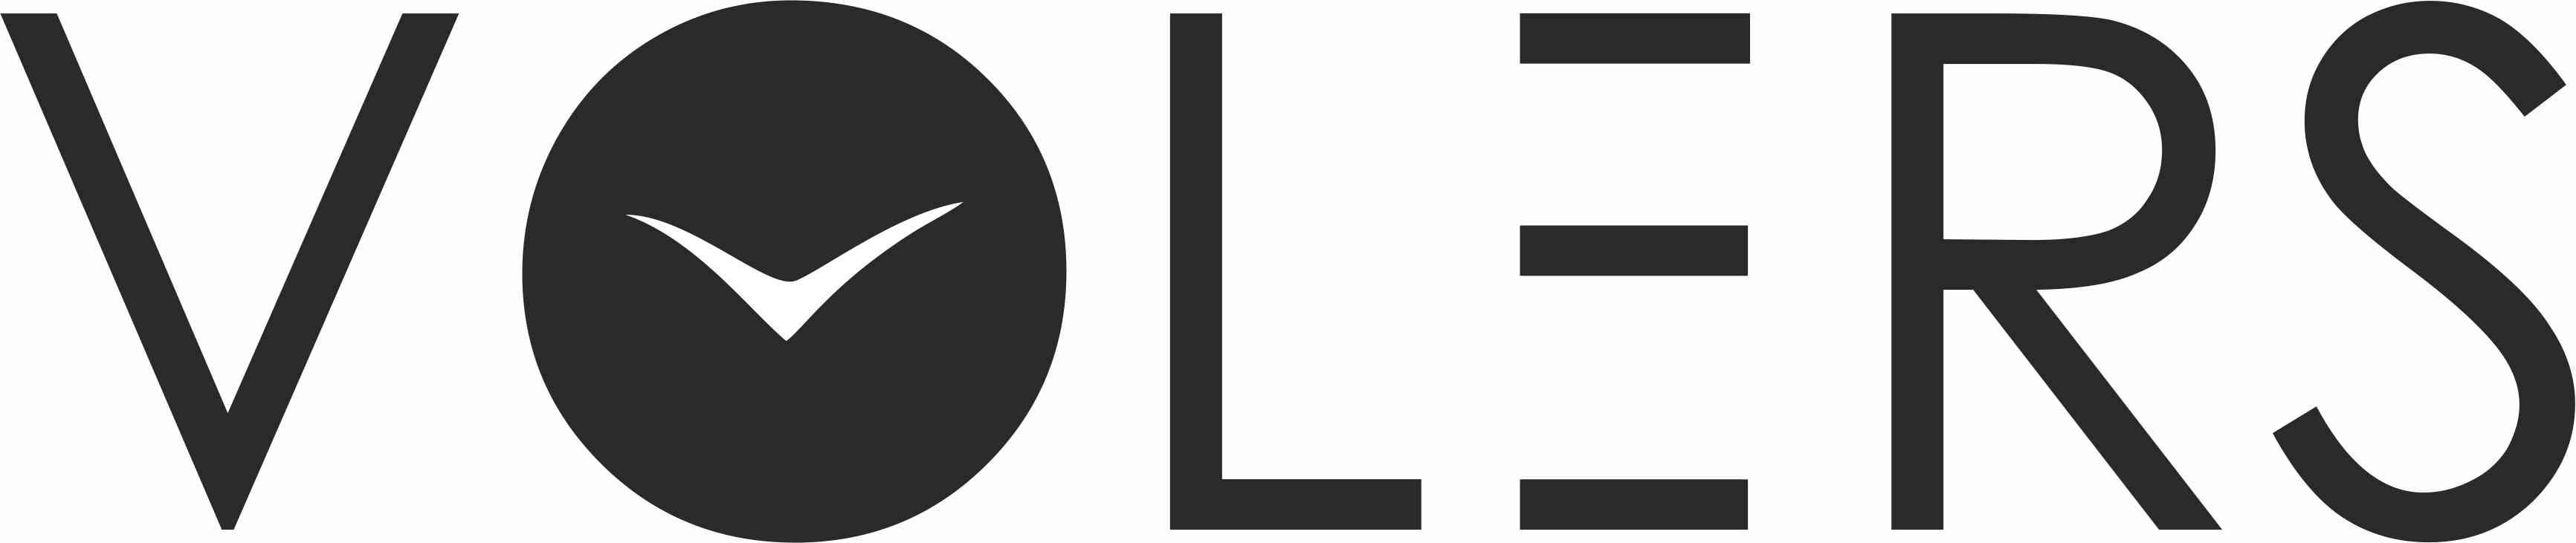 Обновить текущий логотип  фото f_5765d48192f38c28.jpg